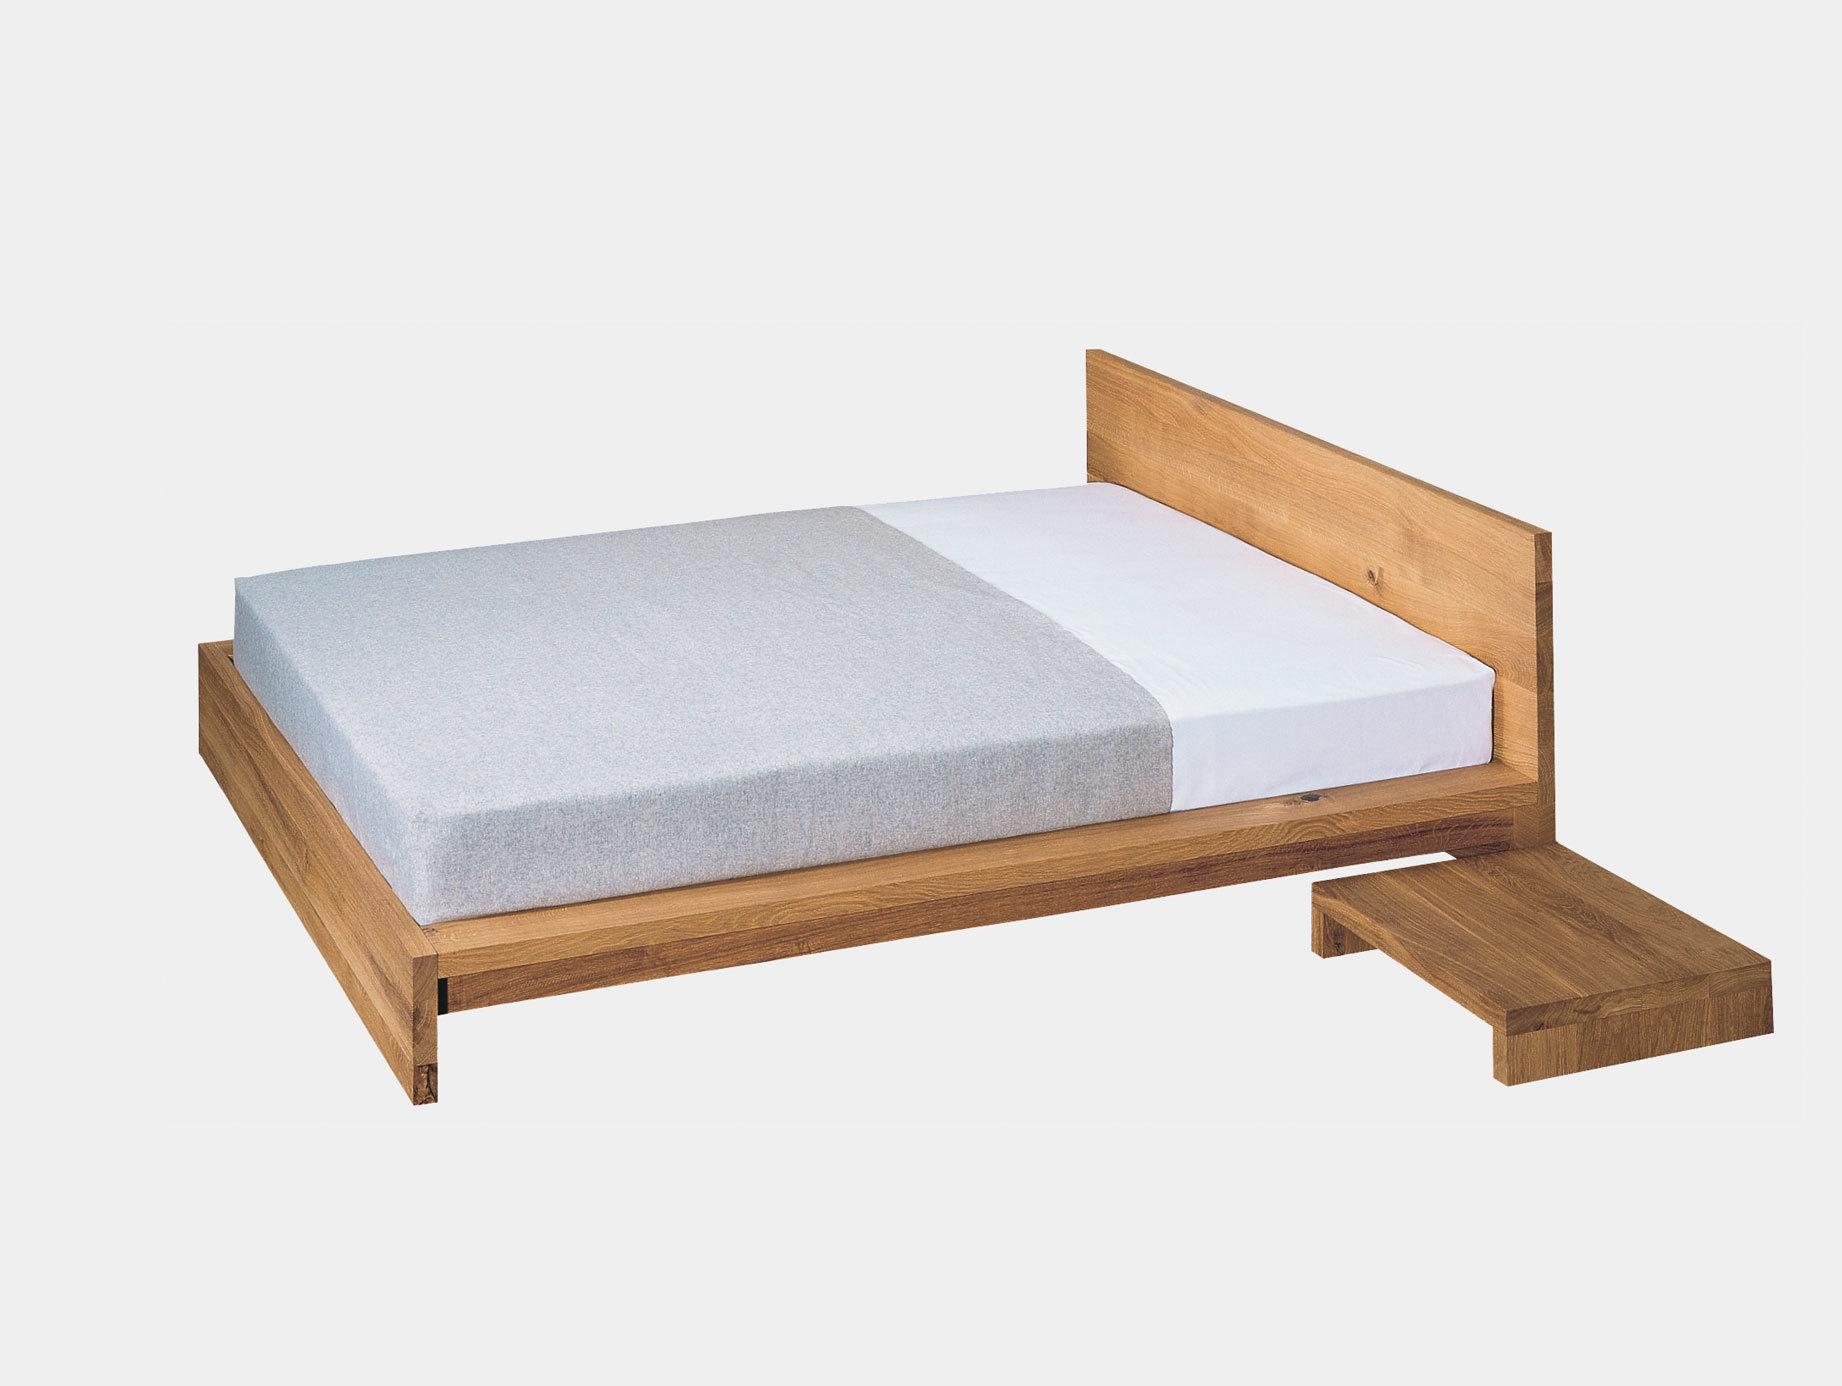 Mo Bed image 2